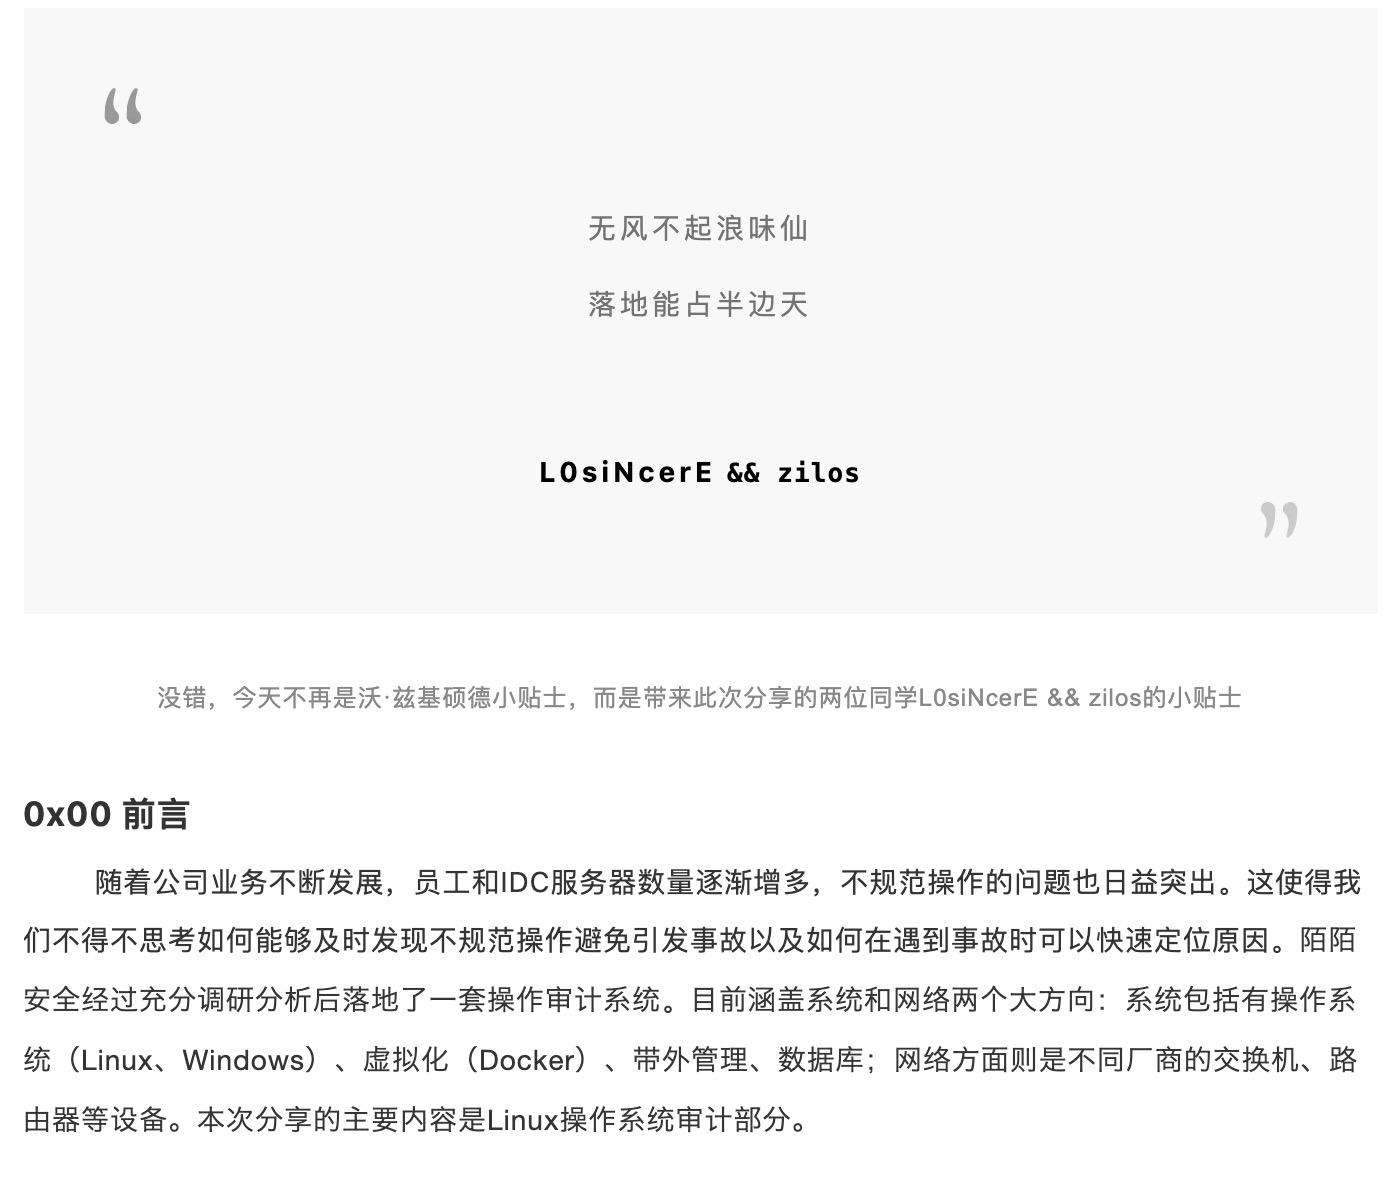 https://momo-mmsrc.oss-cn-hangzhou.aliyuncs.com/img-587e8e4a-3865-361a-b19d-c2b3ddd811a0.jpeg